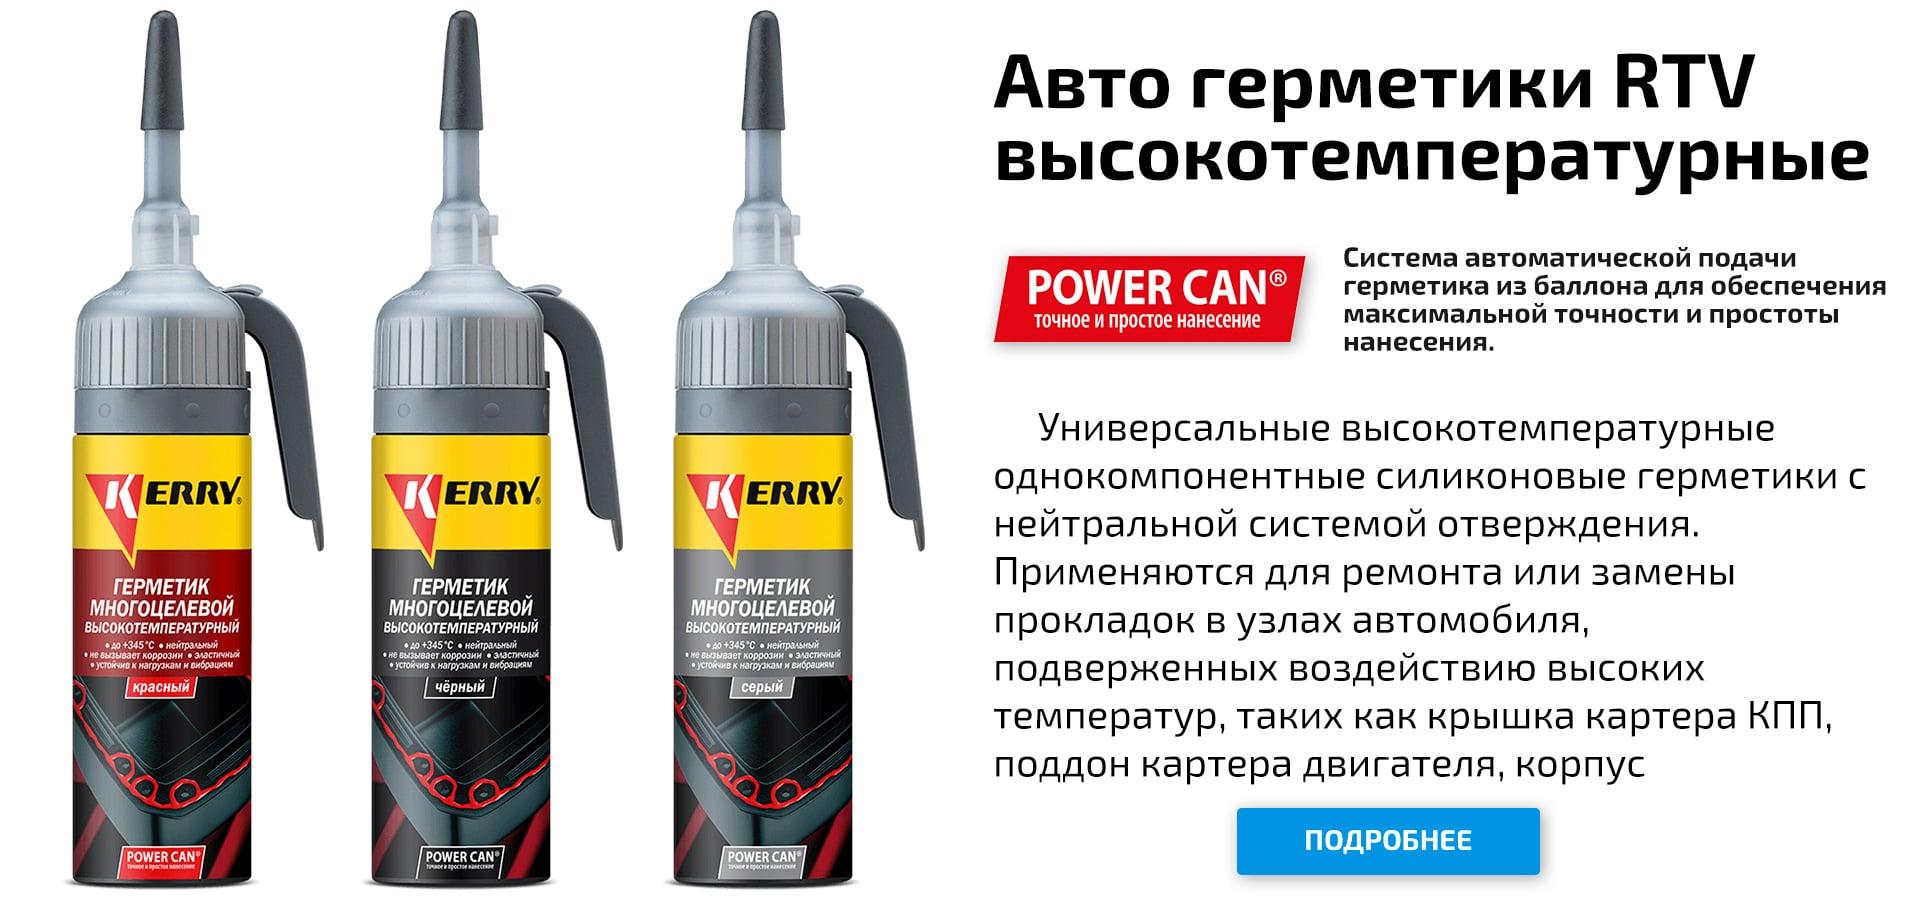 Автомобильные герметики с автоподачей Power Can - KERRY